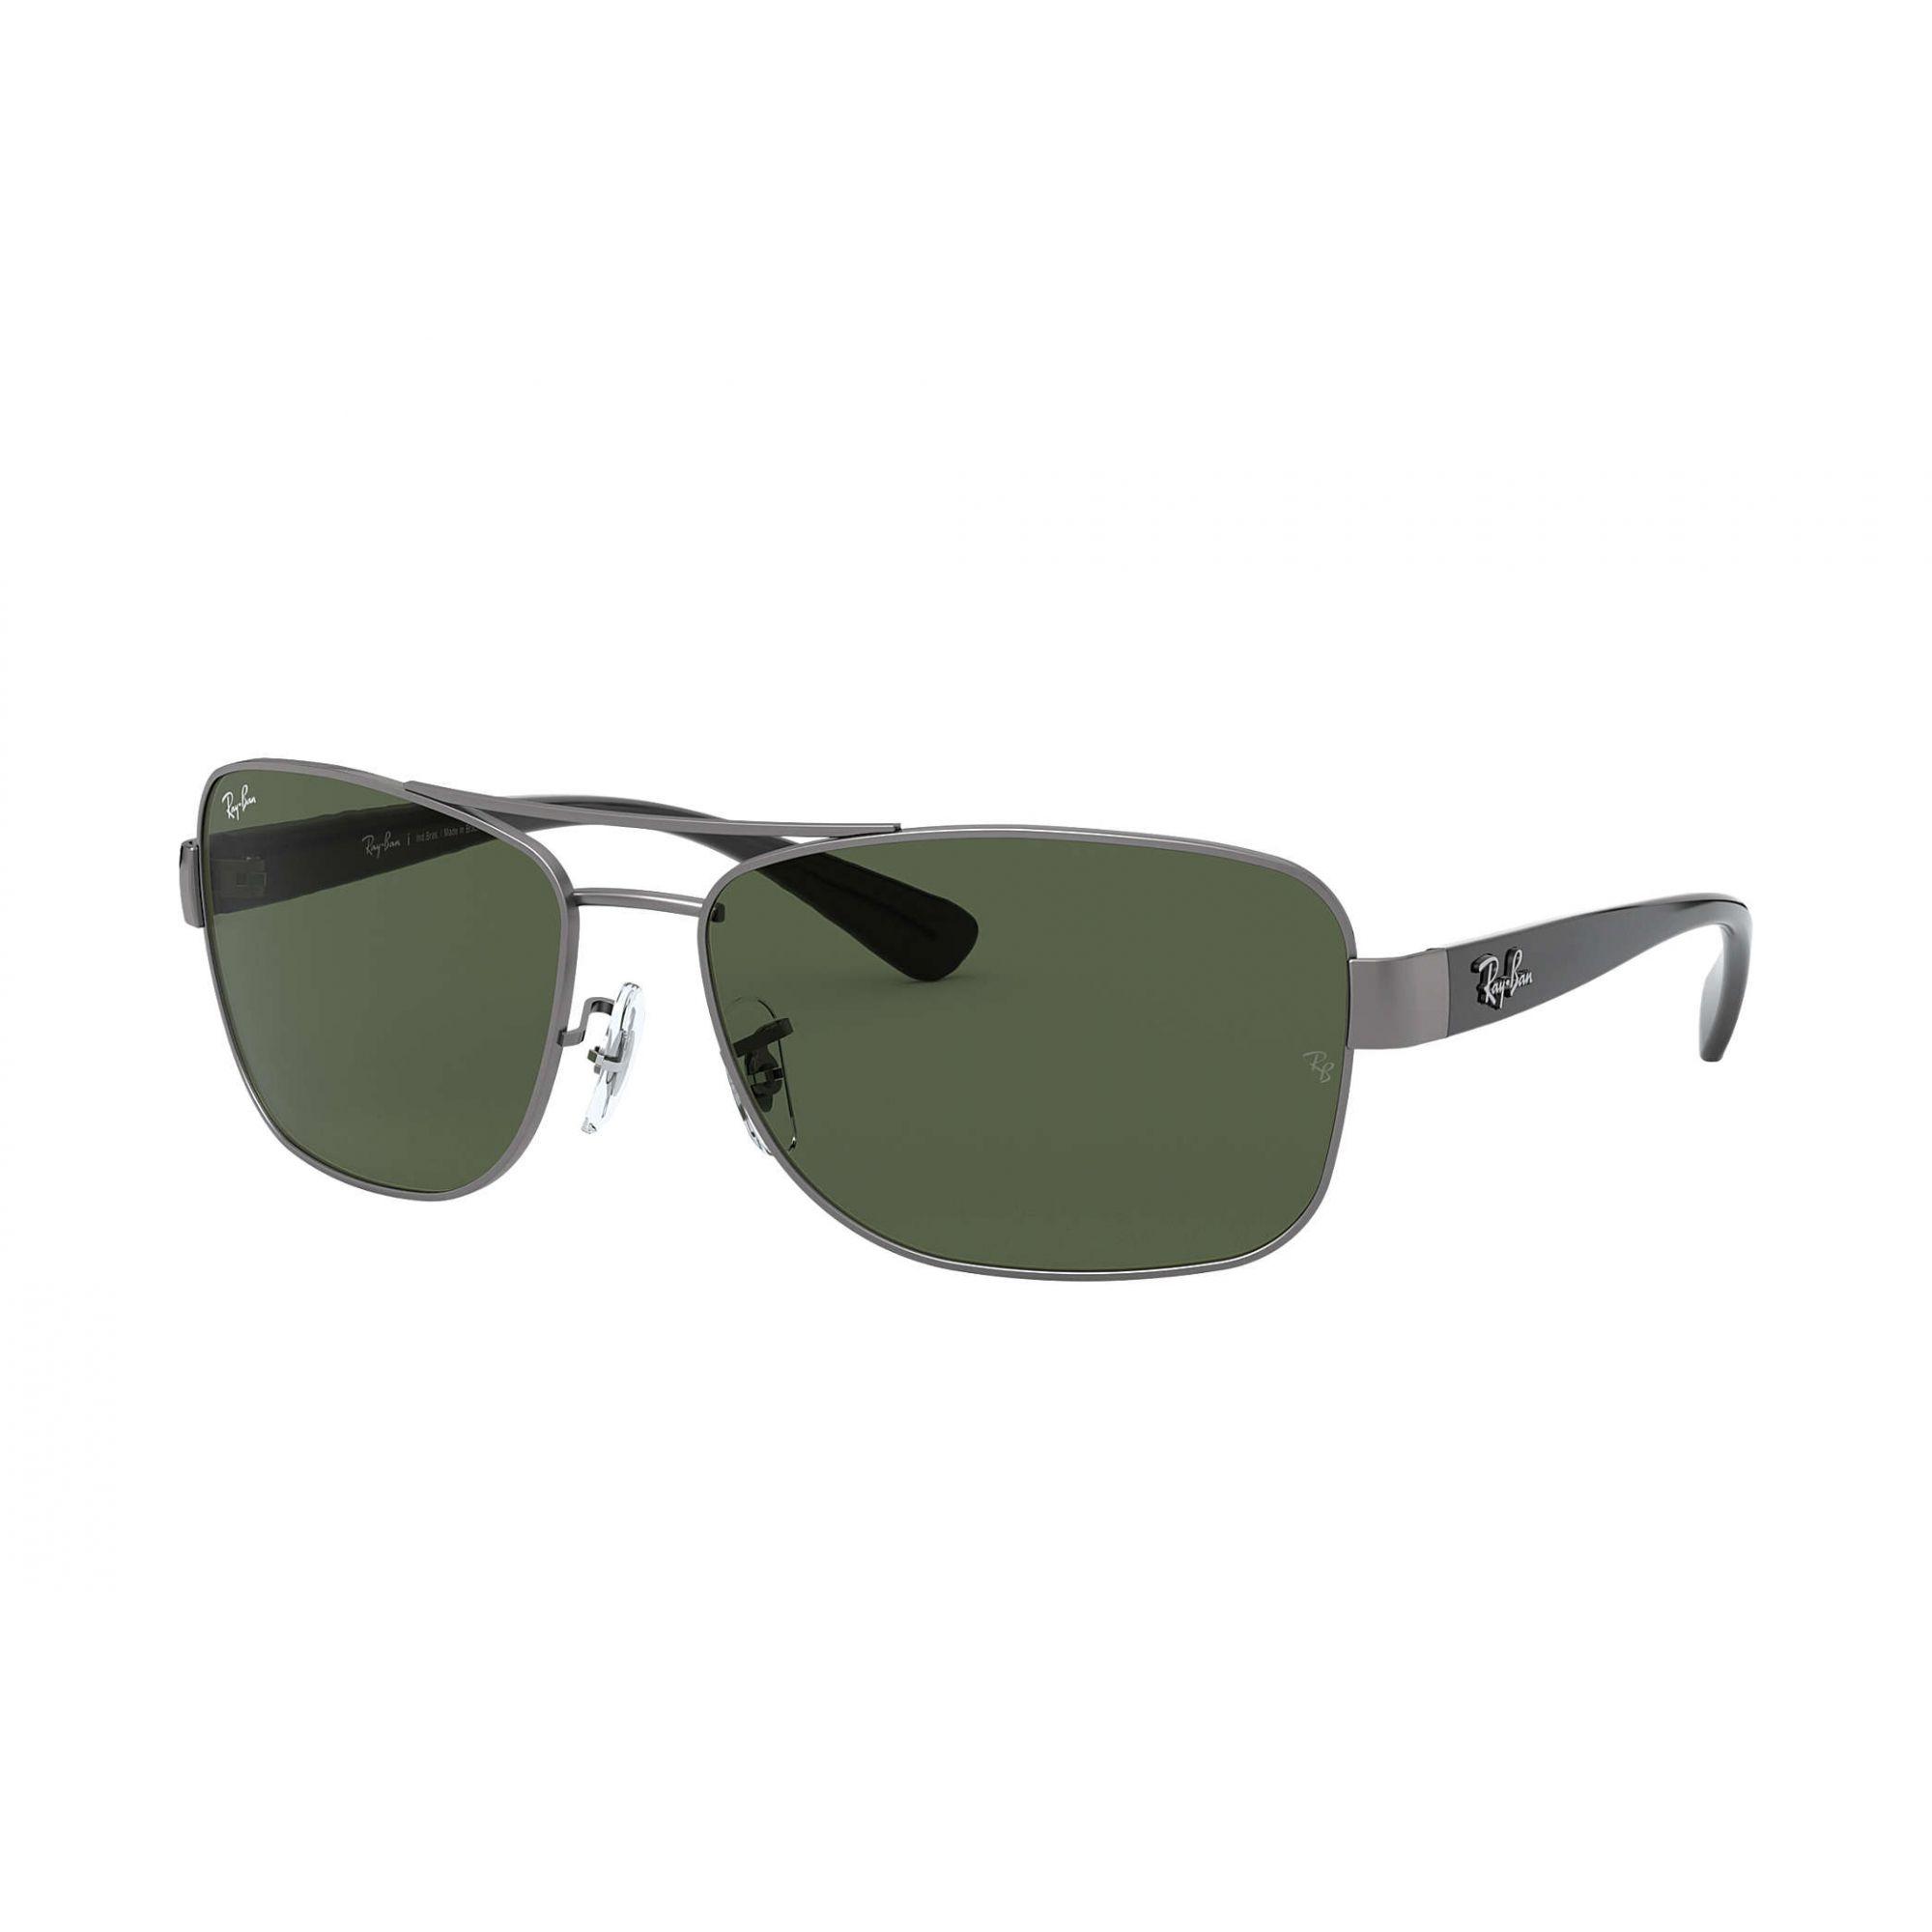 Ray Ban - RB3518L 02971 - Óculos de sol